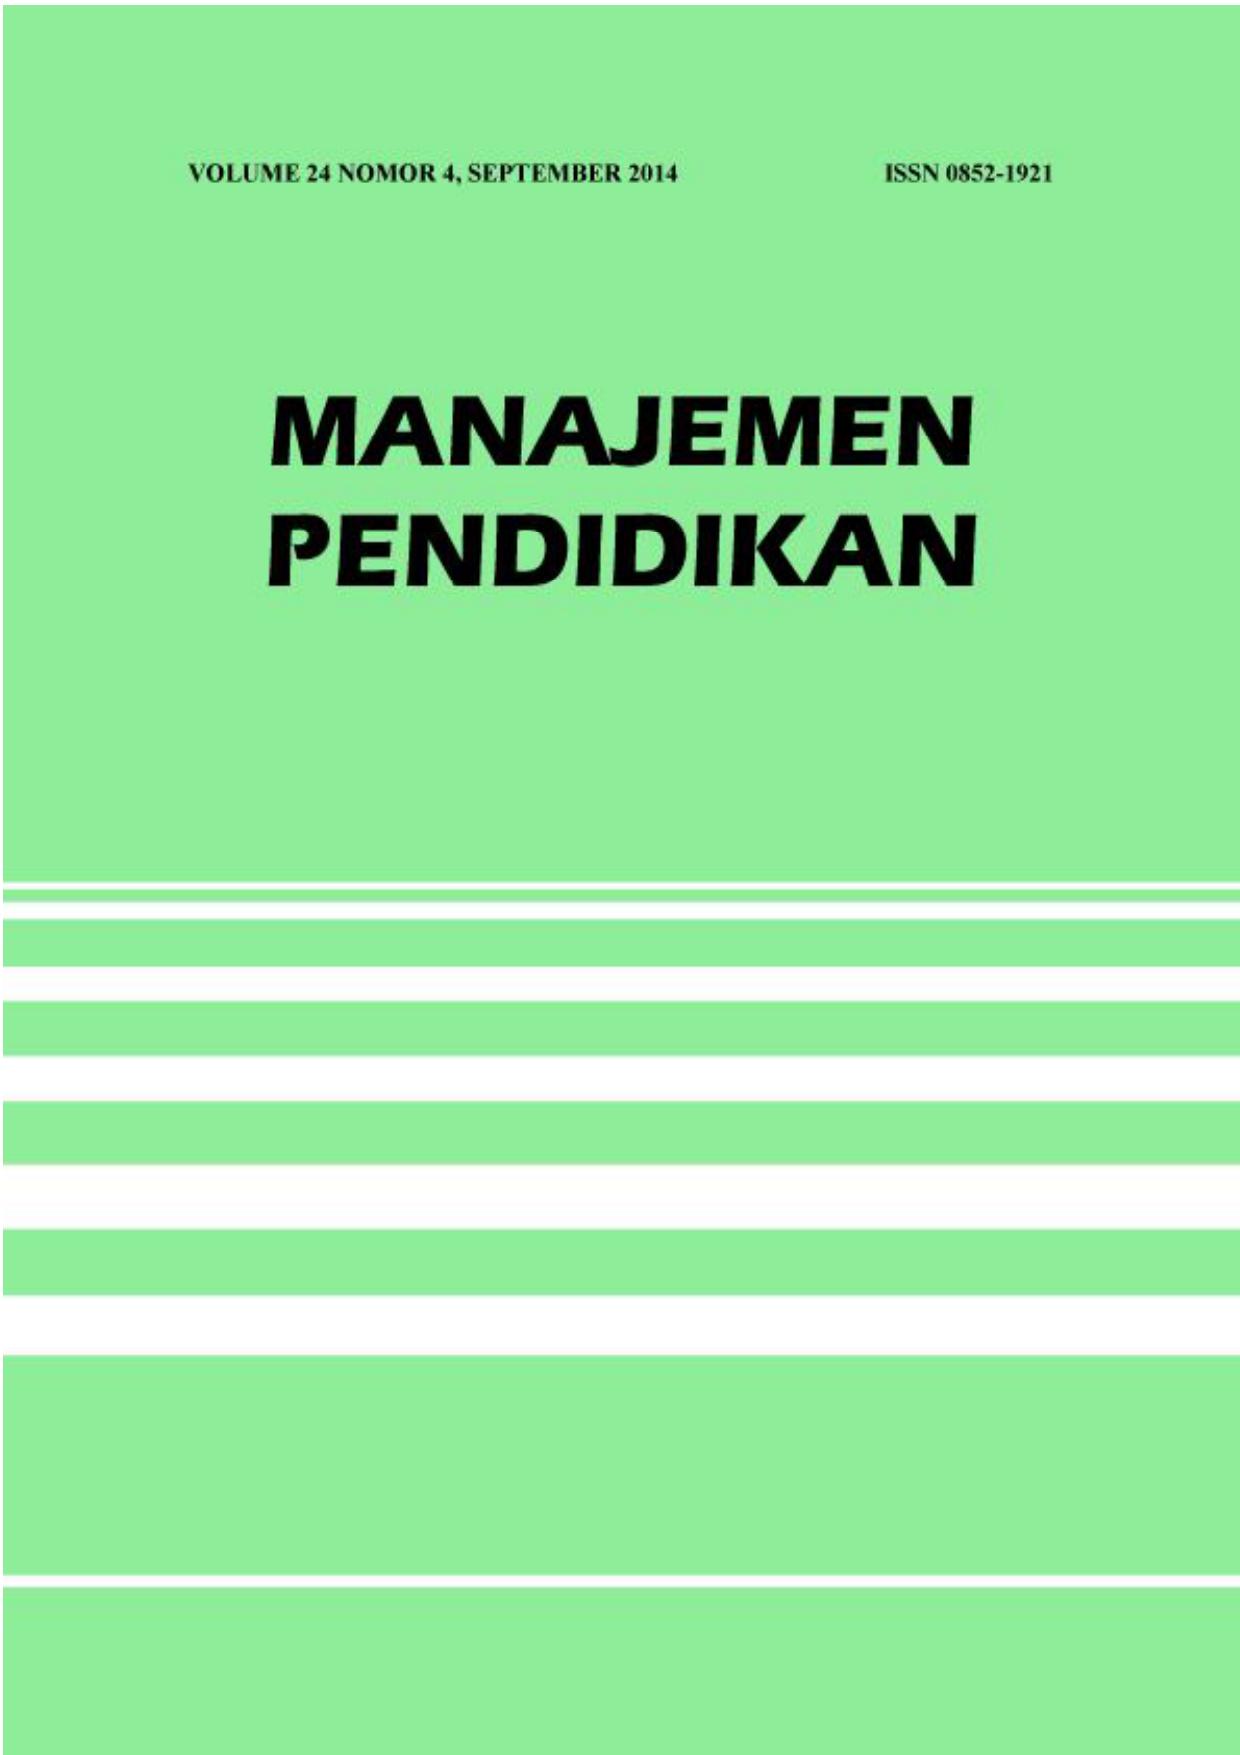 MP MANAJEMEN PENDIDIKAN ISSN 0852 1921 Volume 24 Nomor 4 September 2014 Berisi tulisan tentang gagasan konseptual hasil penelitian kajian dan aplikasi